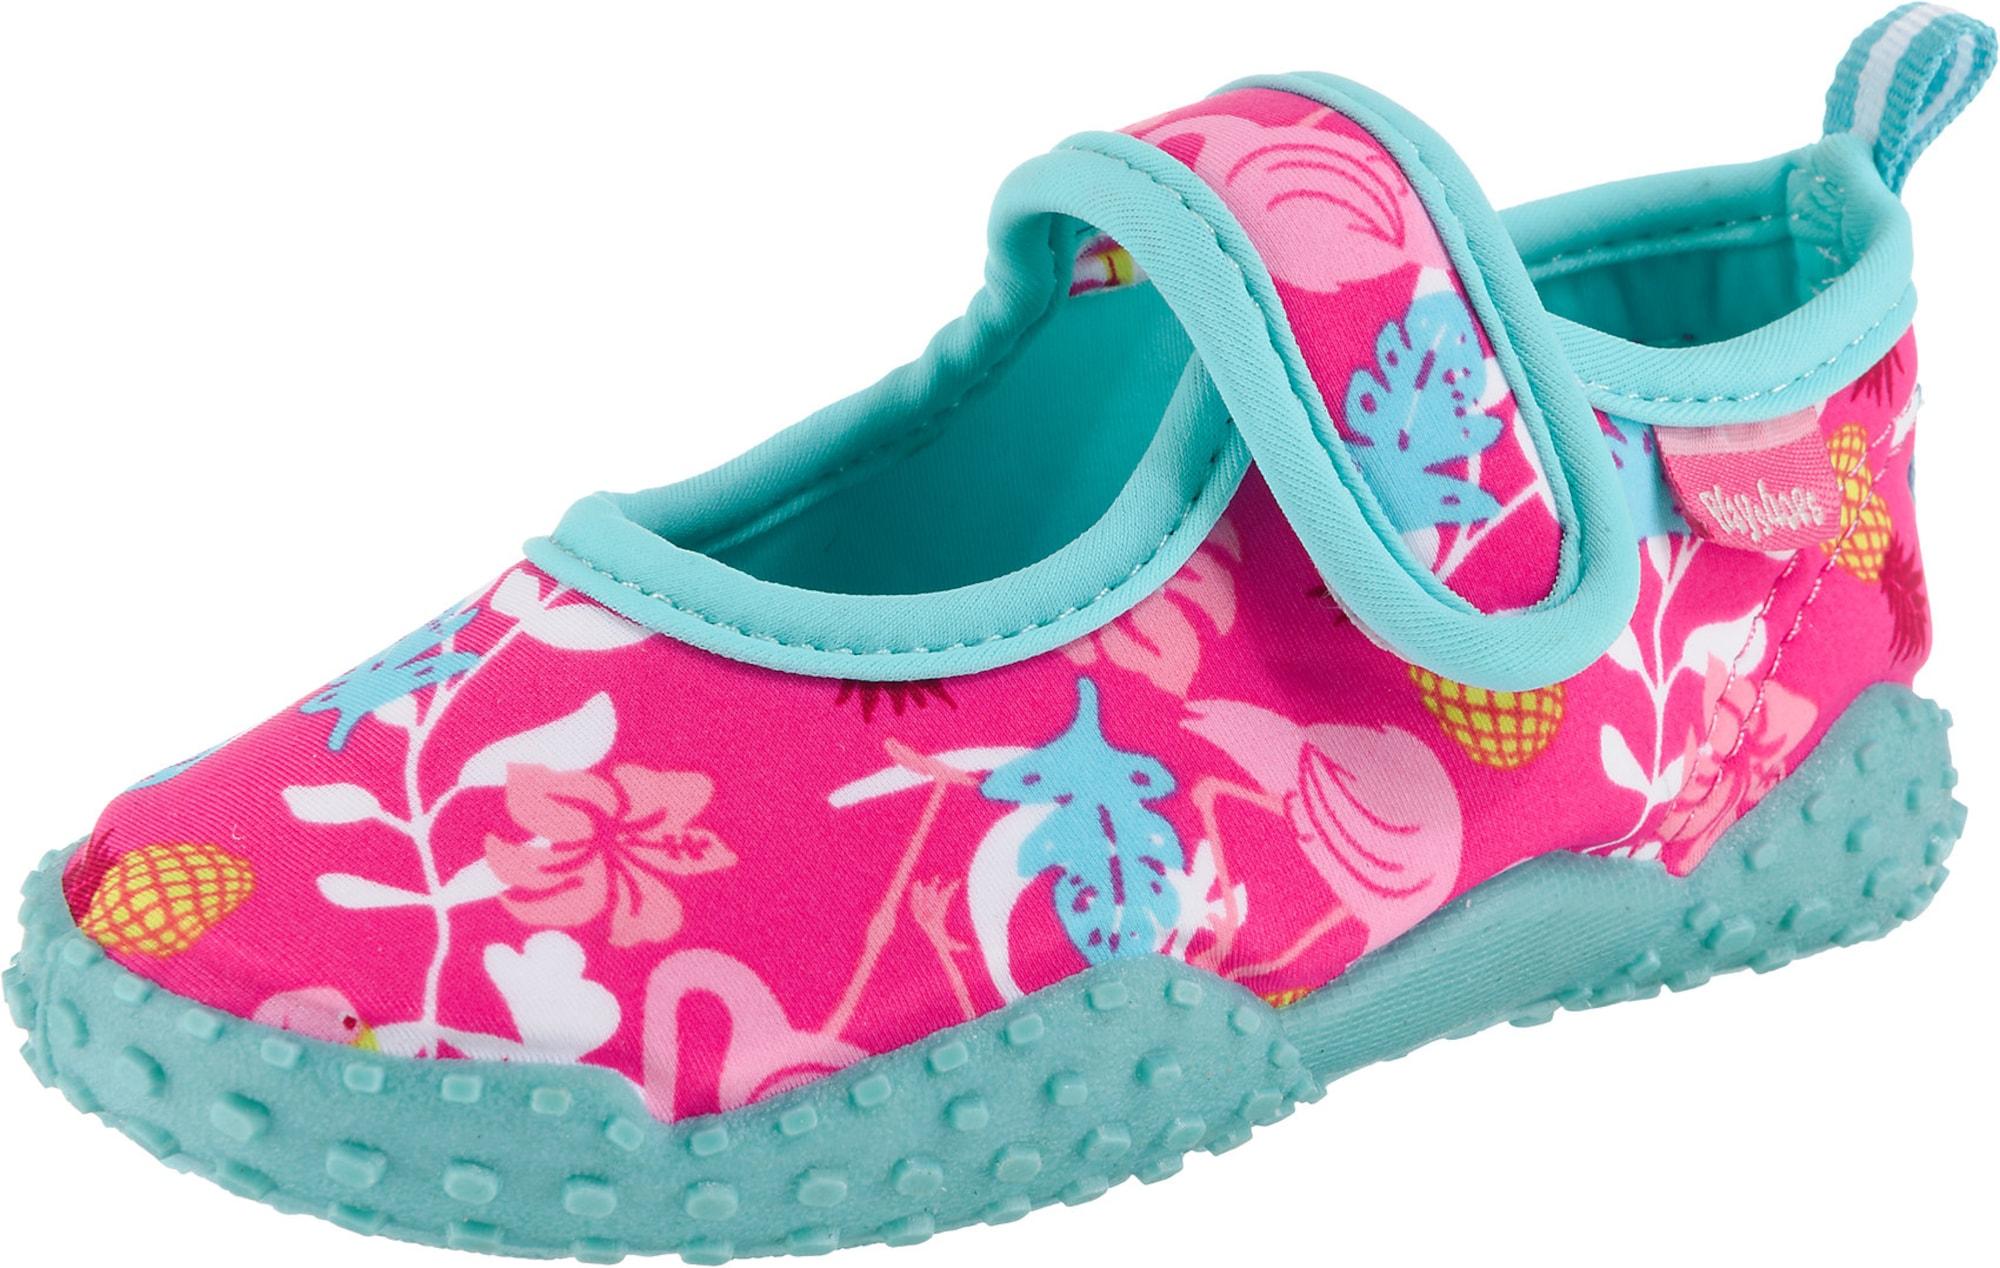 PLAYSHOES Sandalai / maudymosi batai rožinė / turkio spalva